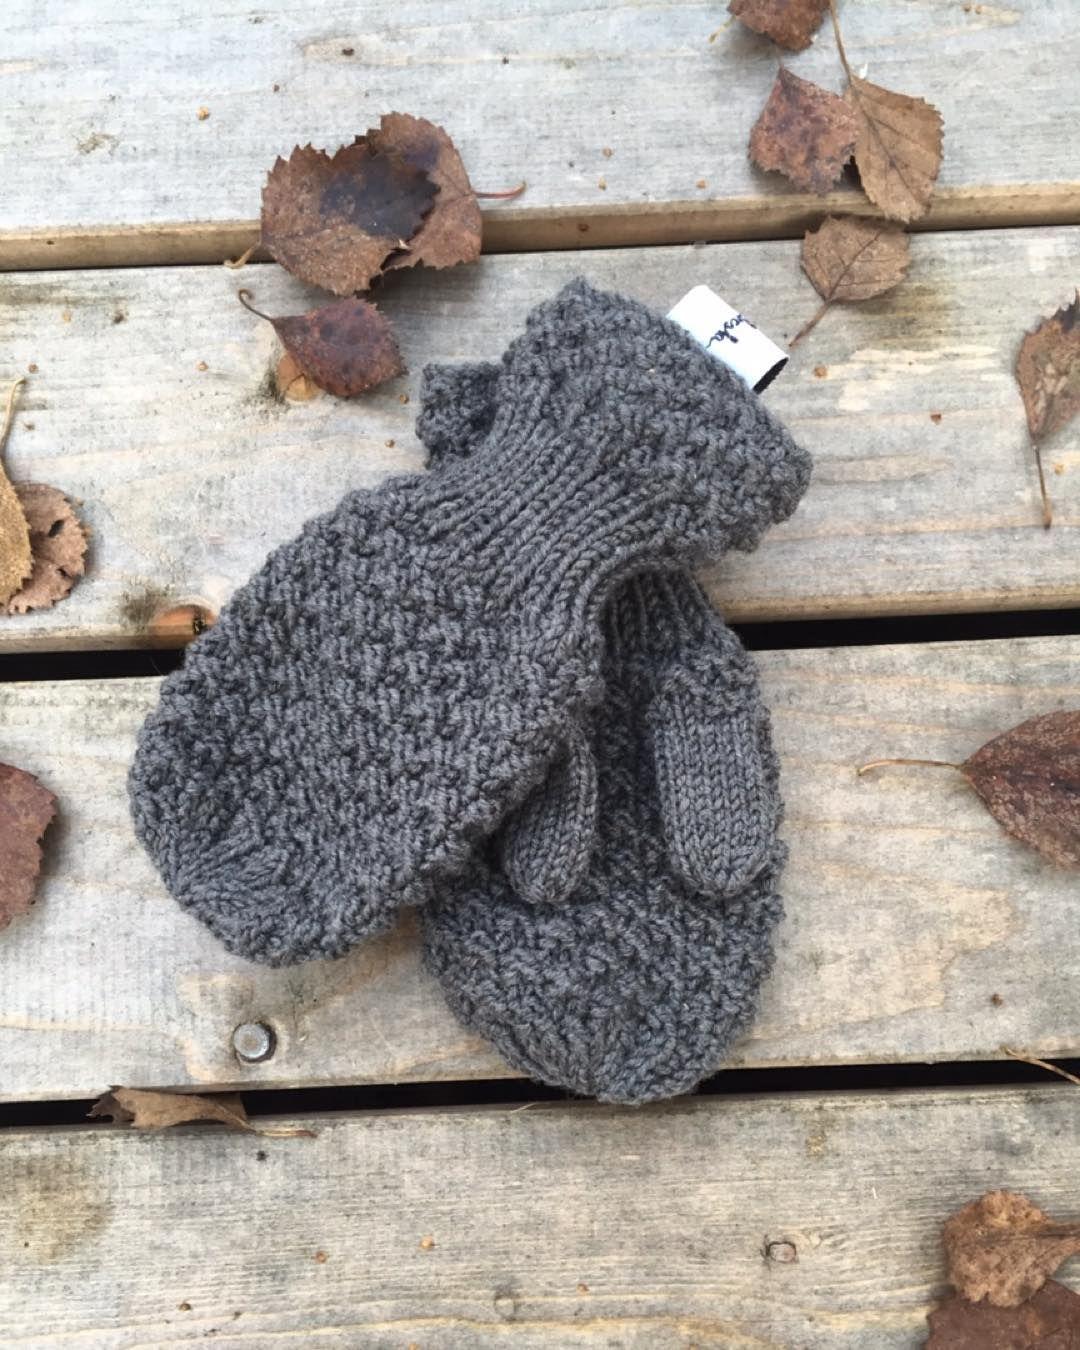 Our knitting kits are right around the corner! Soon you can make our wonderful products yourself. #frabestacom #babyteppe #strikk #knitting #hektapågarn #garnlykke #knittersofinstagram #knitwear #norwegianmade #norwegianknitting #strikktilbarn #babystrikk #strikktilbarn #wool #madeinnorway #strikkekondis #strikkemamma #strikkedilla #raverly #diy #strikkekit #garnpakke #knittingkit #sandnesgarn #babyknits